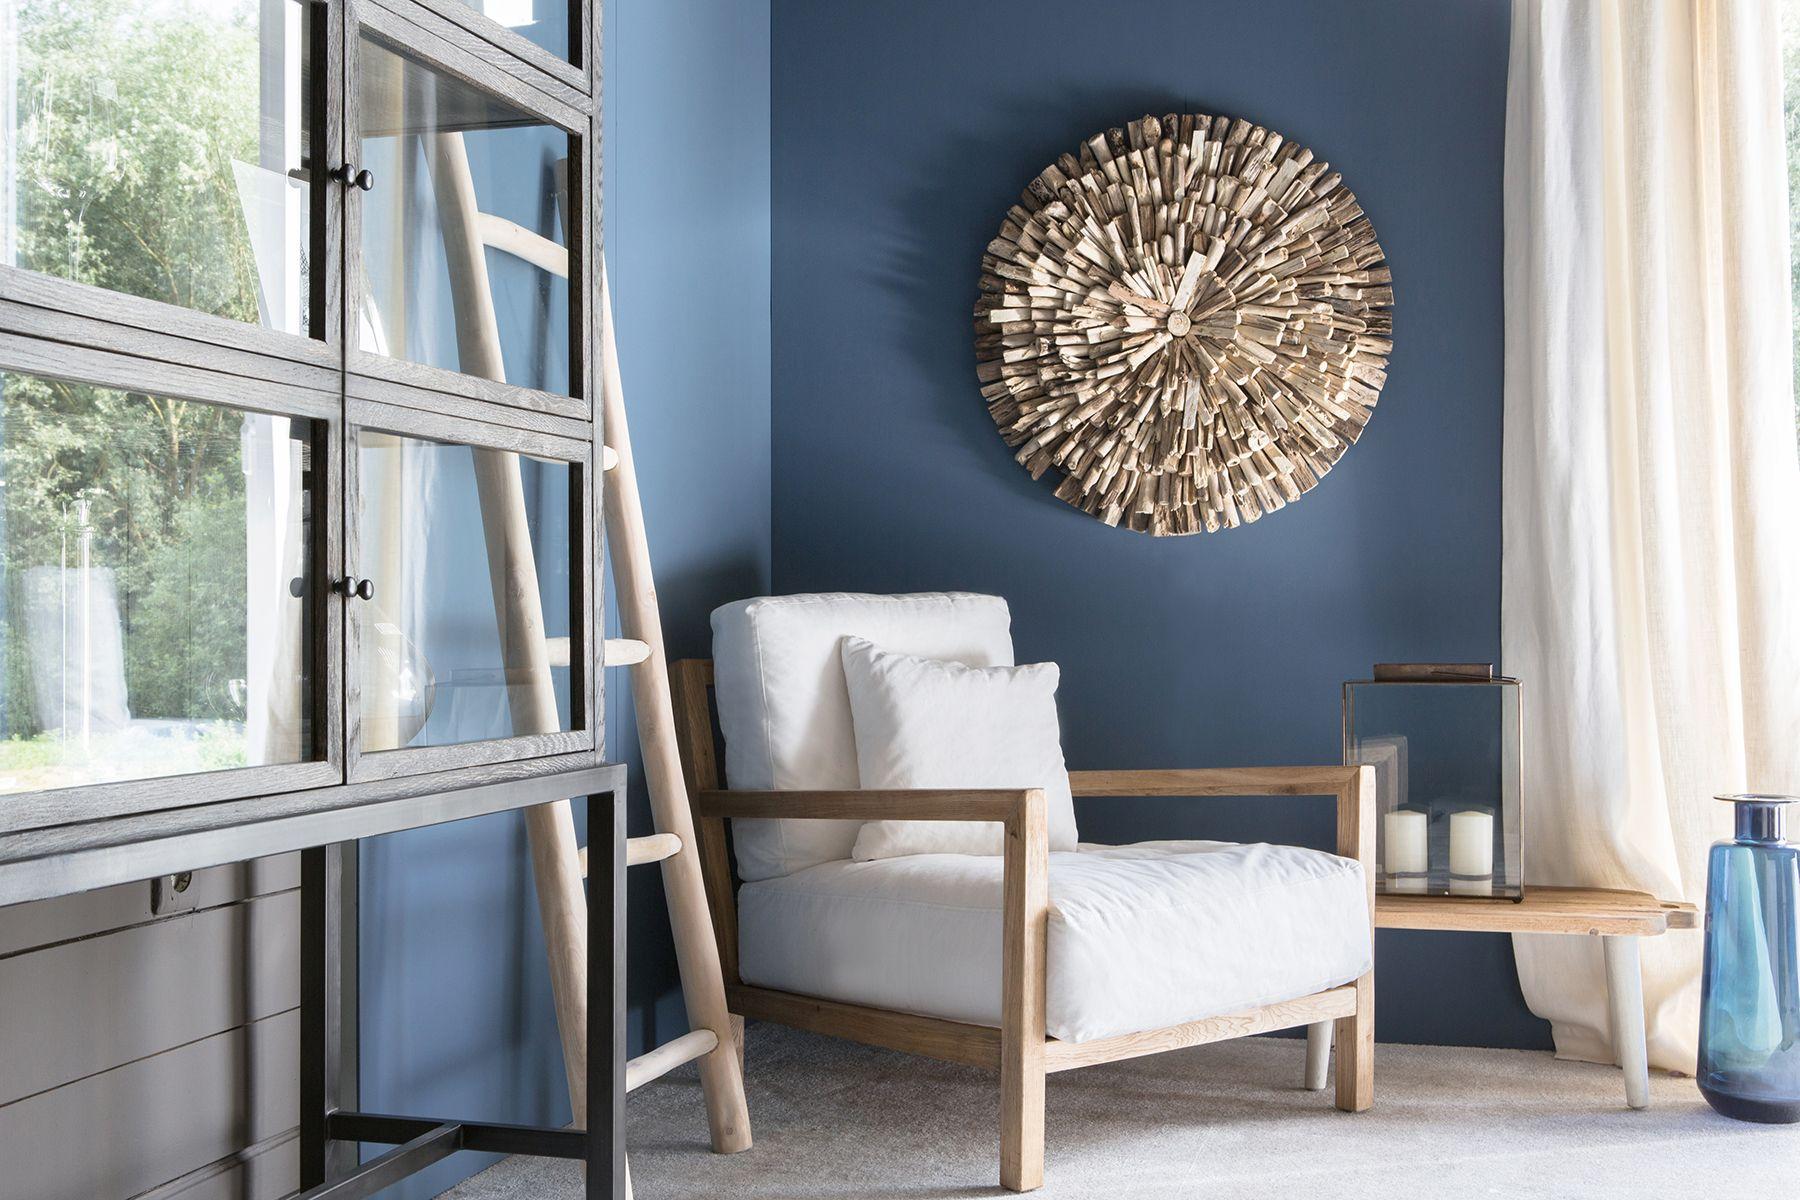 7 Nouvelles Couleurs Flamant En 2018 Deco Chambre Parental Deco Maison Decor Chambre A Coucher